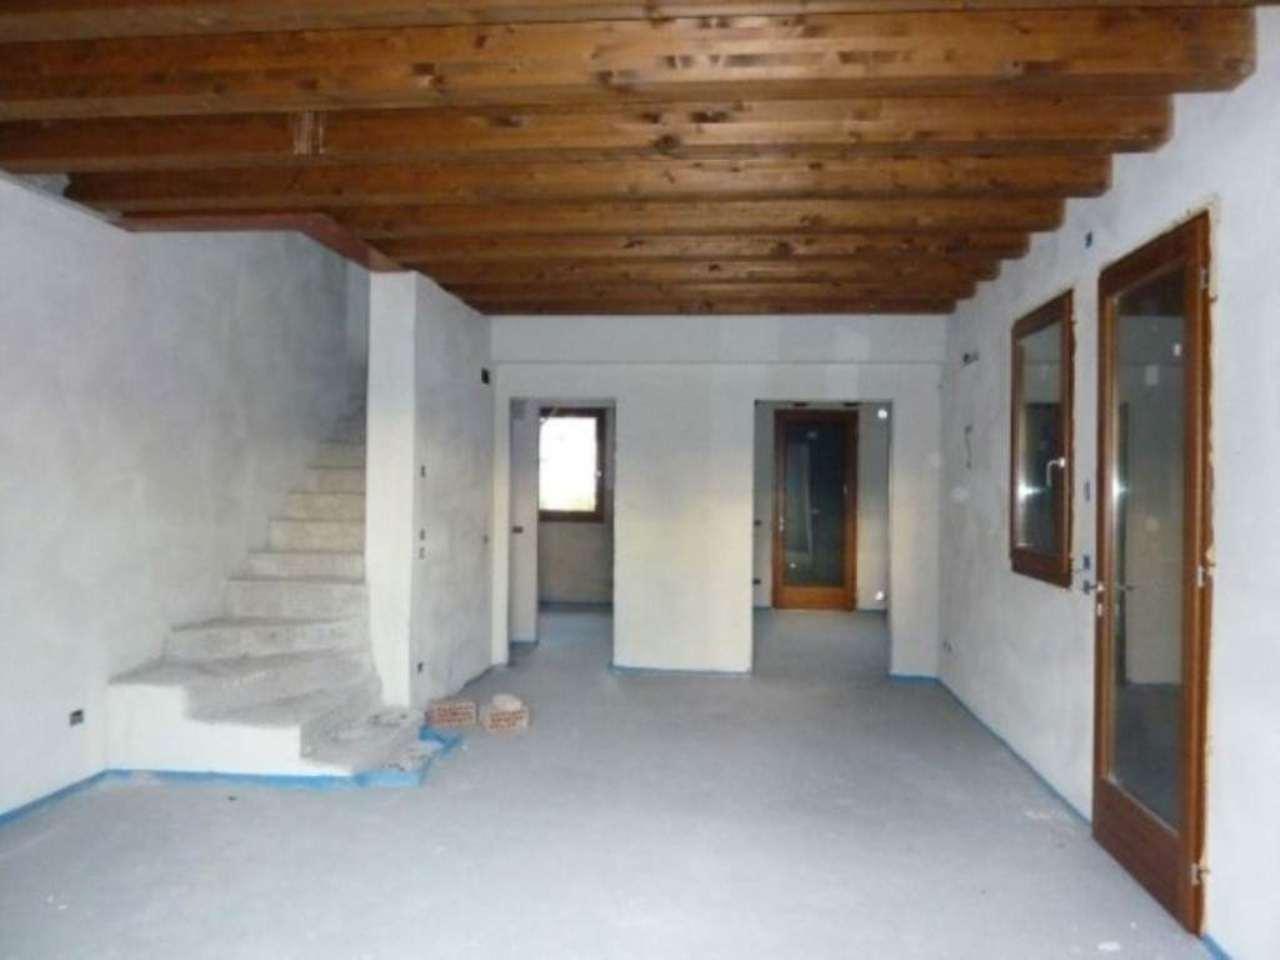 Soluzione Indipendente in vendita a Maserada sul Piave, 6 locali, prezzo € 260.000 | Cambio Casa.it